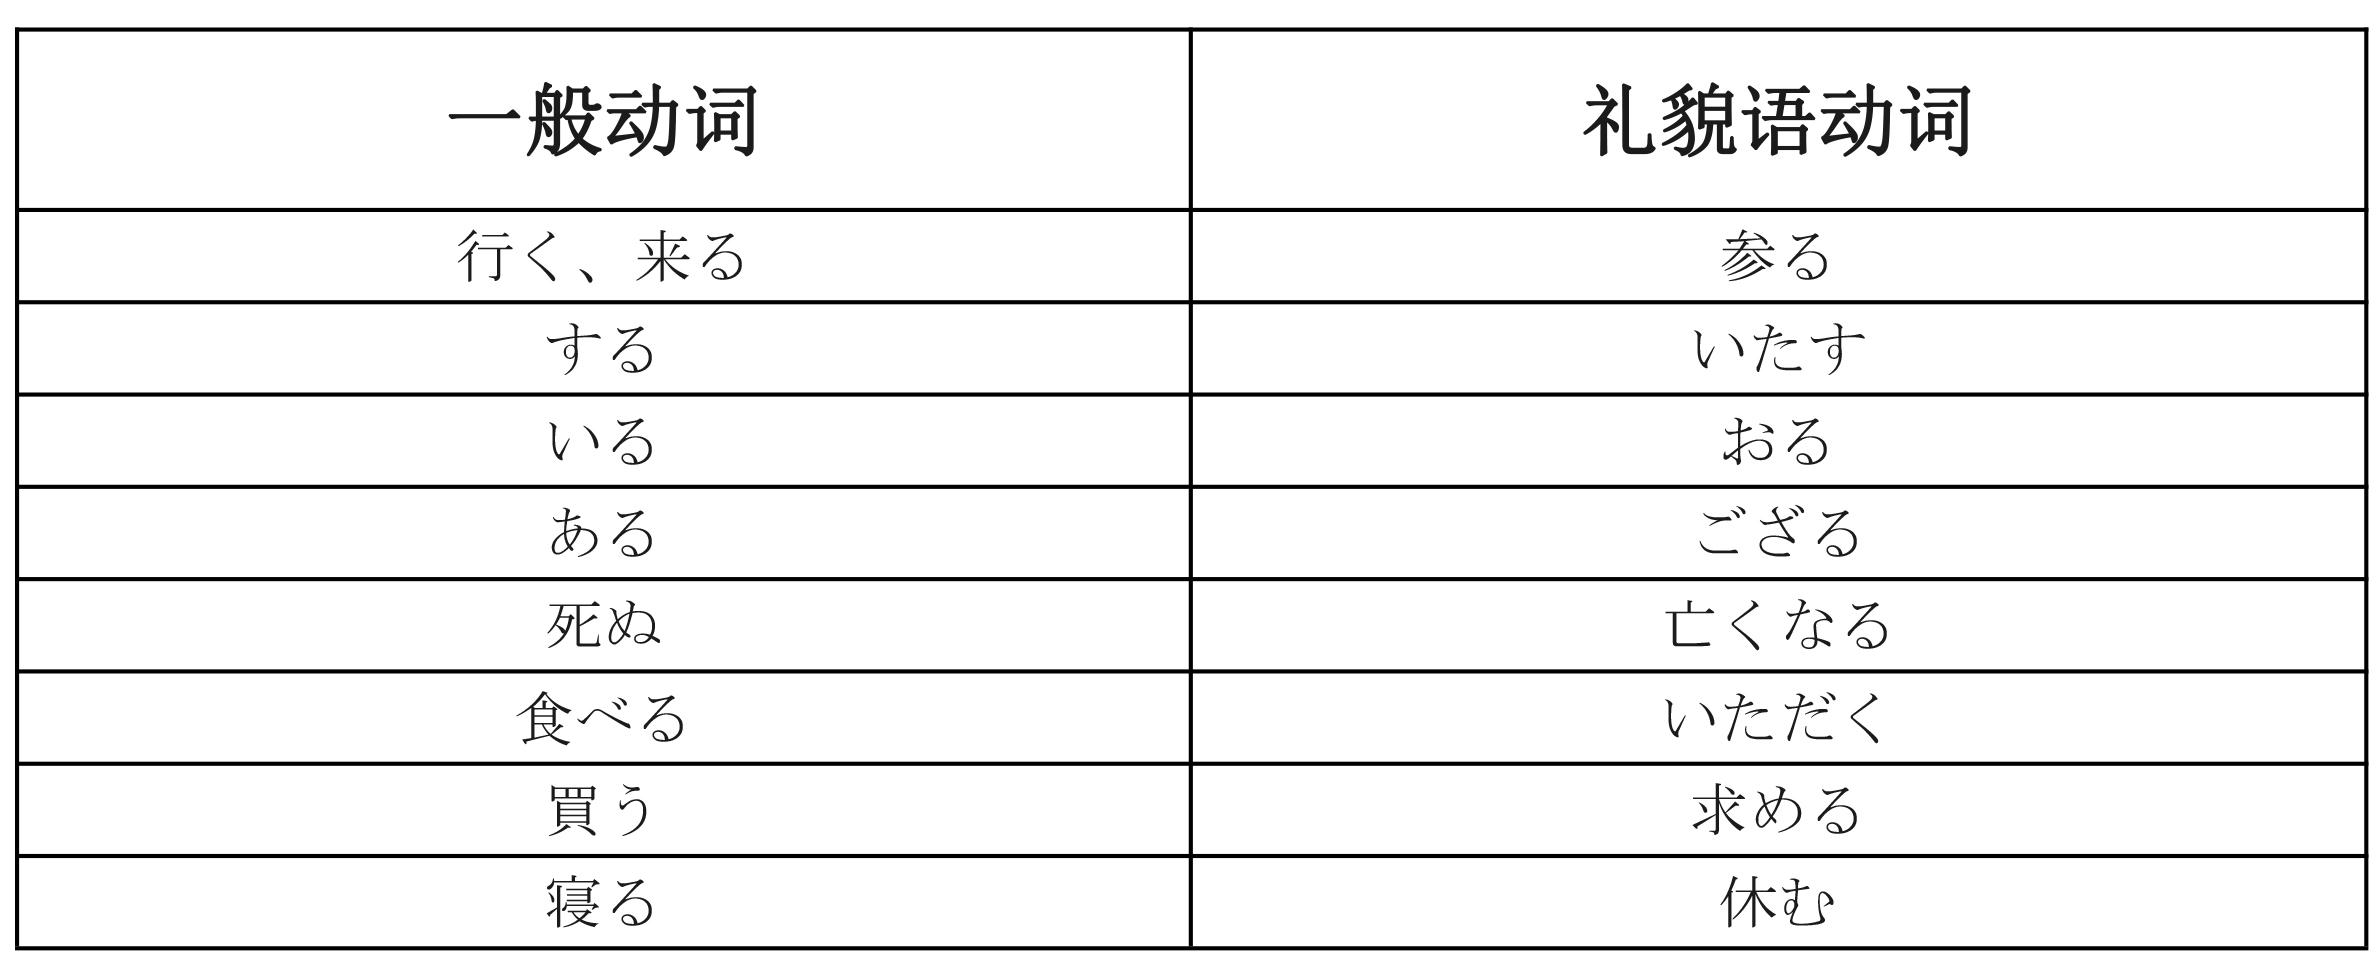 日语敬语总结(清晰版)(1)-6.jpg